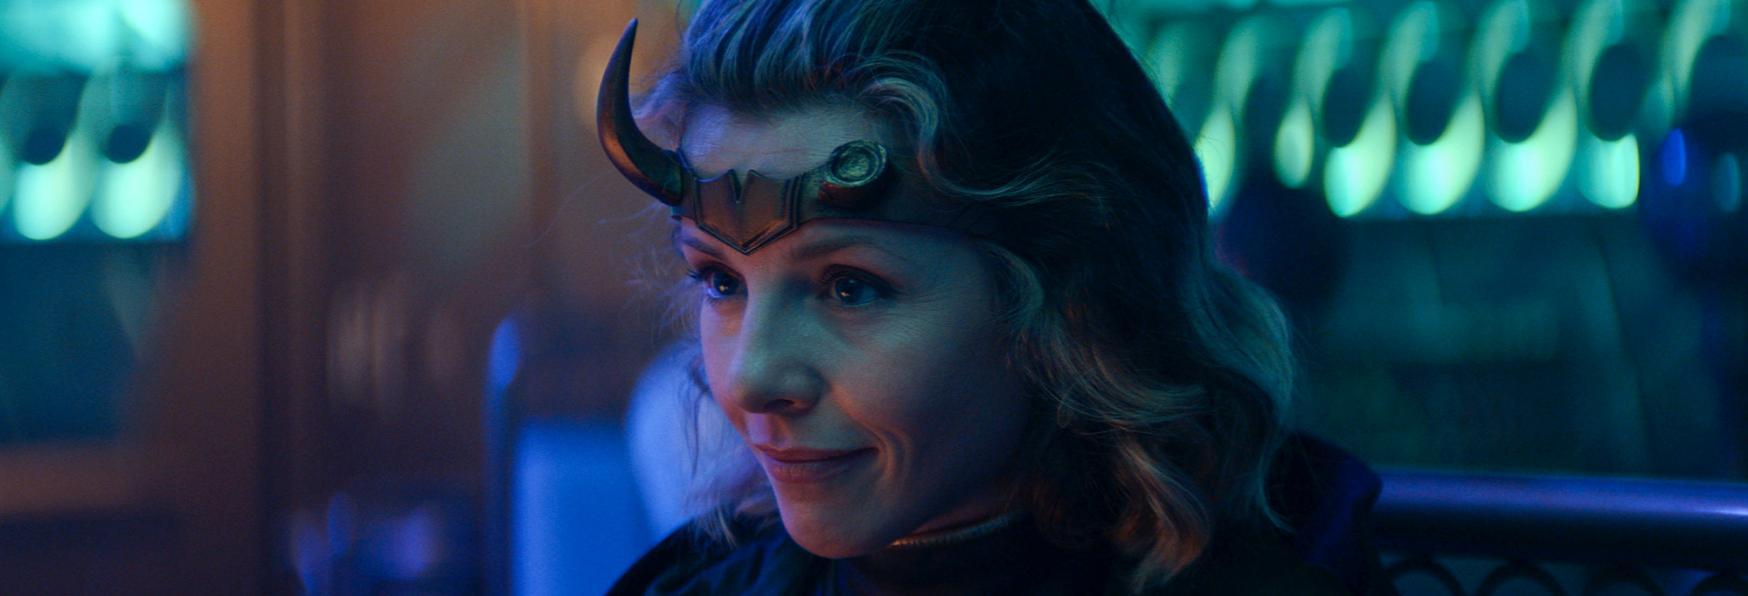 Loki: Sophia Di Martino racconta della sua particolare Audizione per la Serie TV Disney+